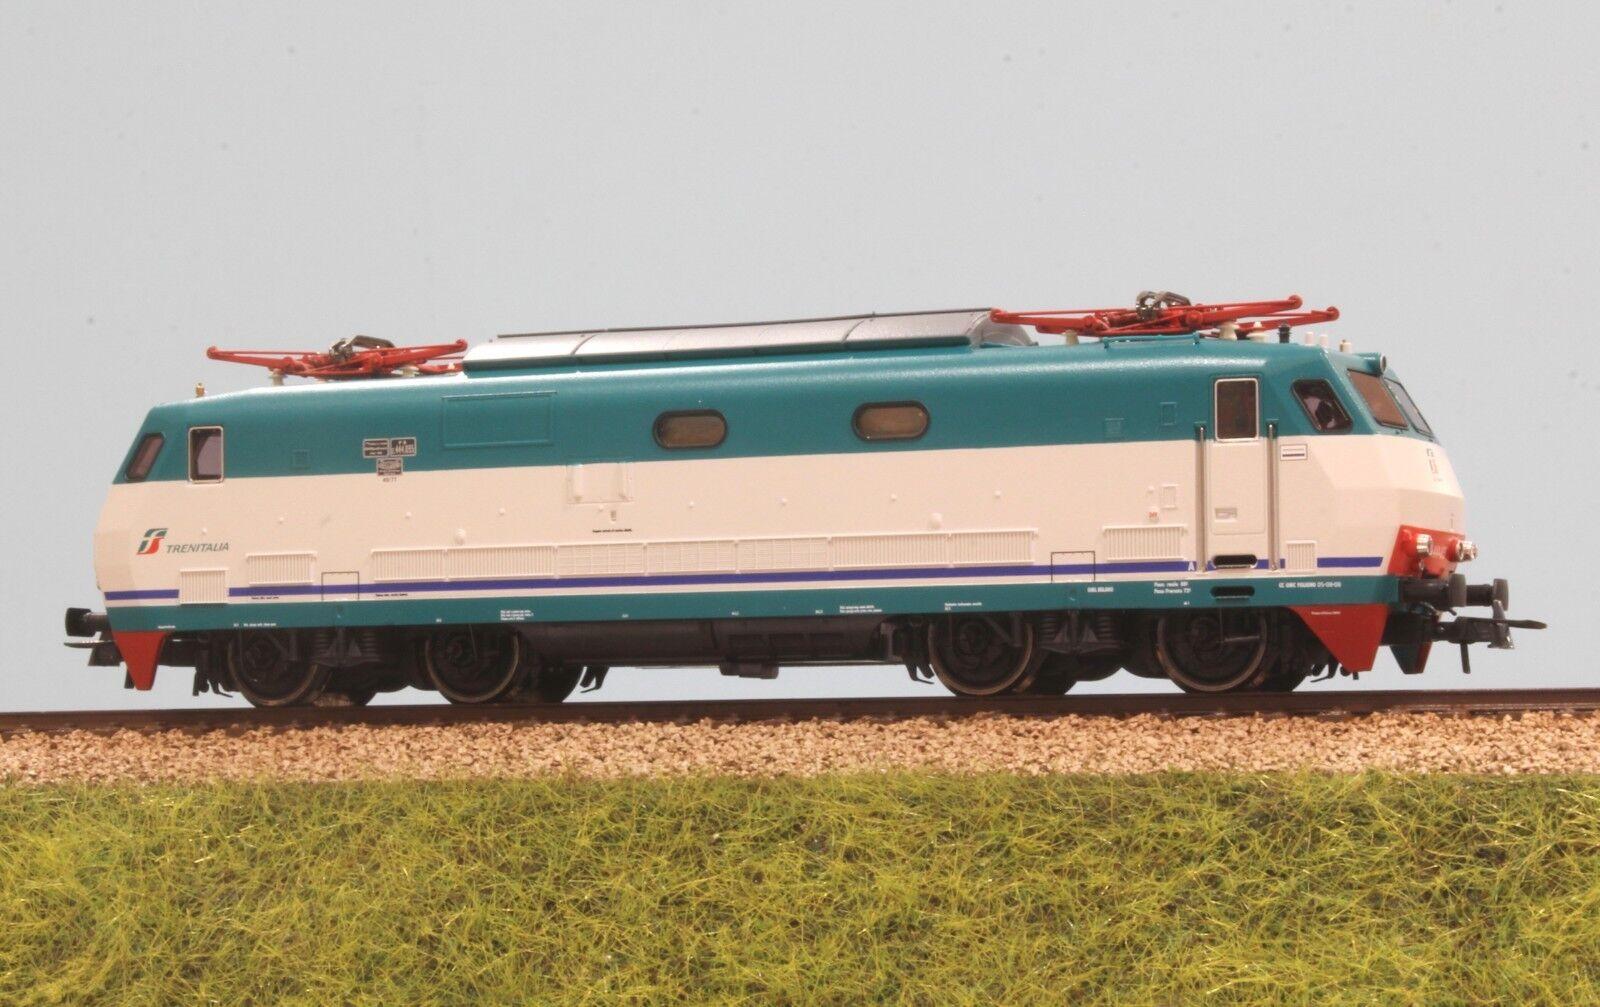 ROCO art.73349 FS locomotiva E 444R 035 livrea XMPR logo tricolore digital sound